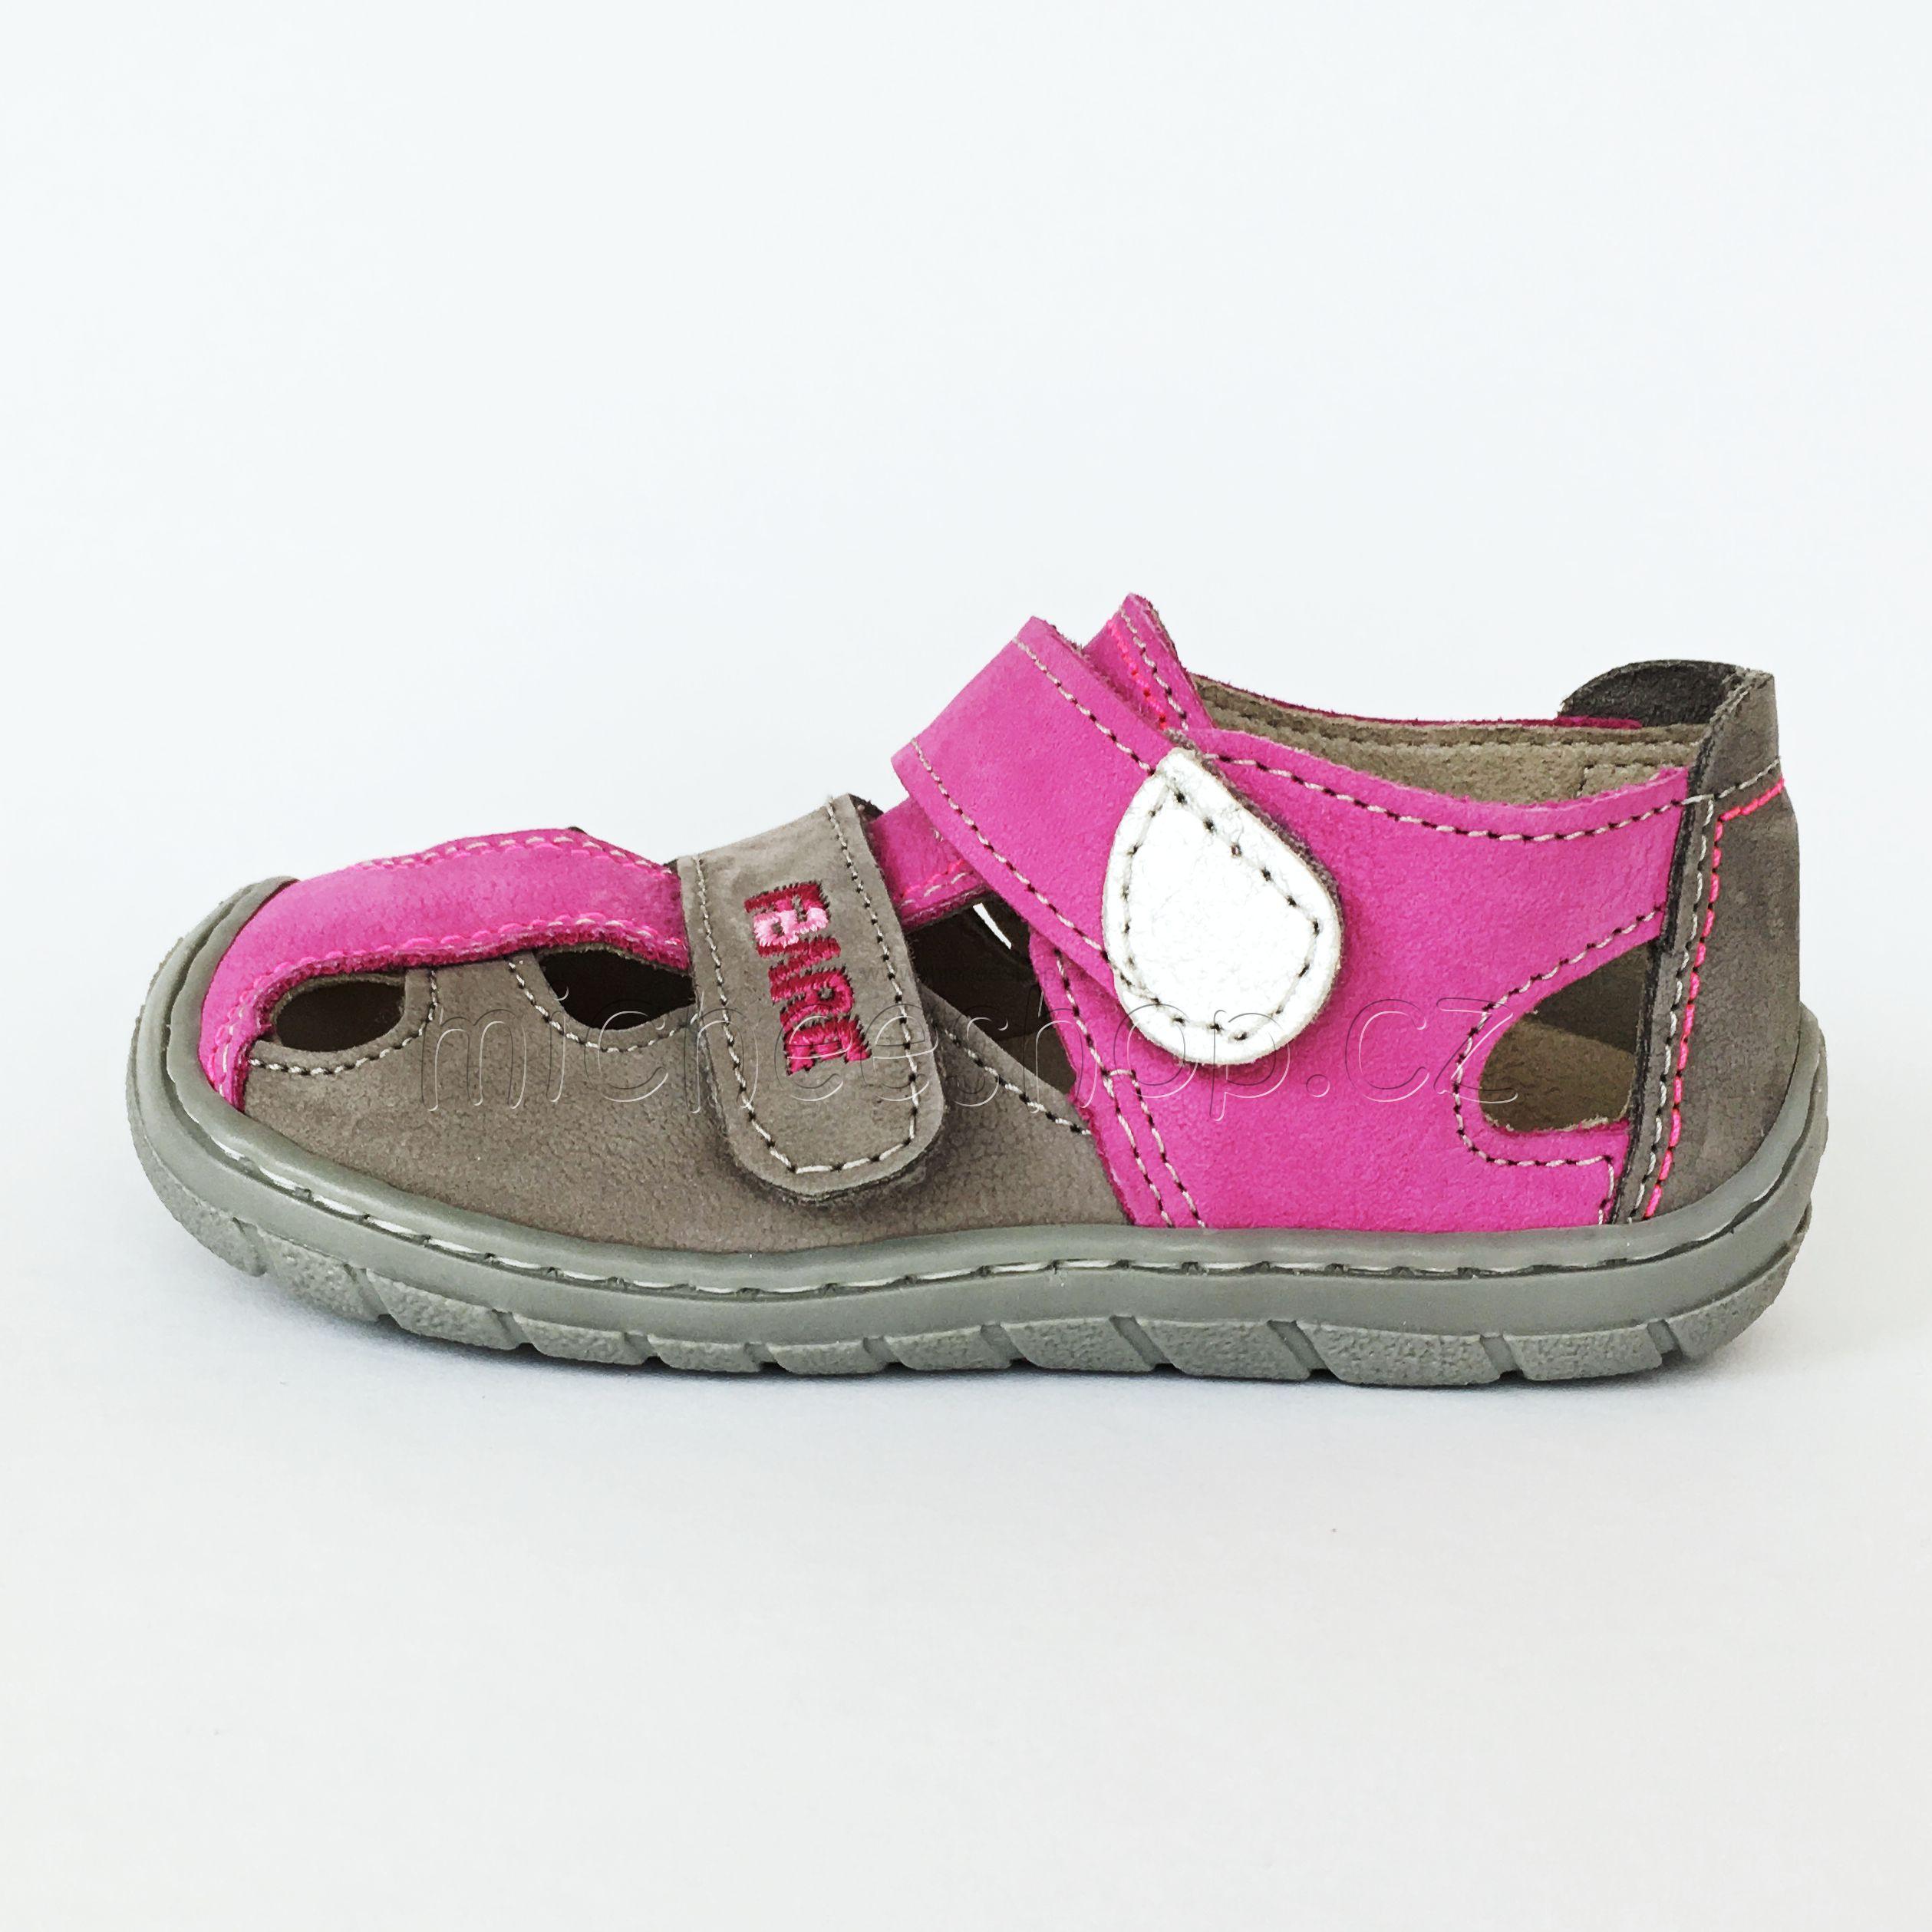 86ca4f322f Fare Bare dětské sandály růžová šedá 26